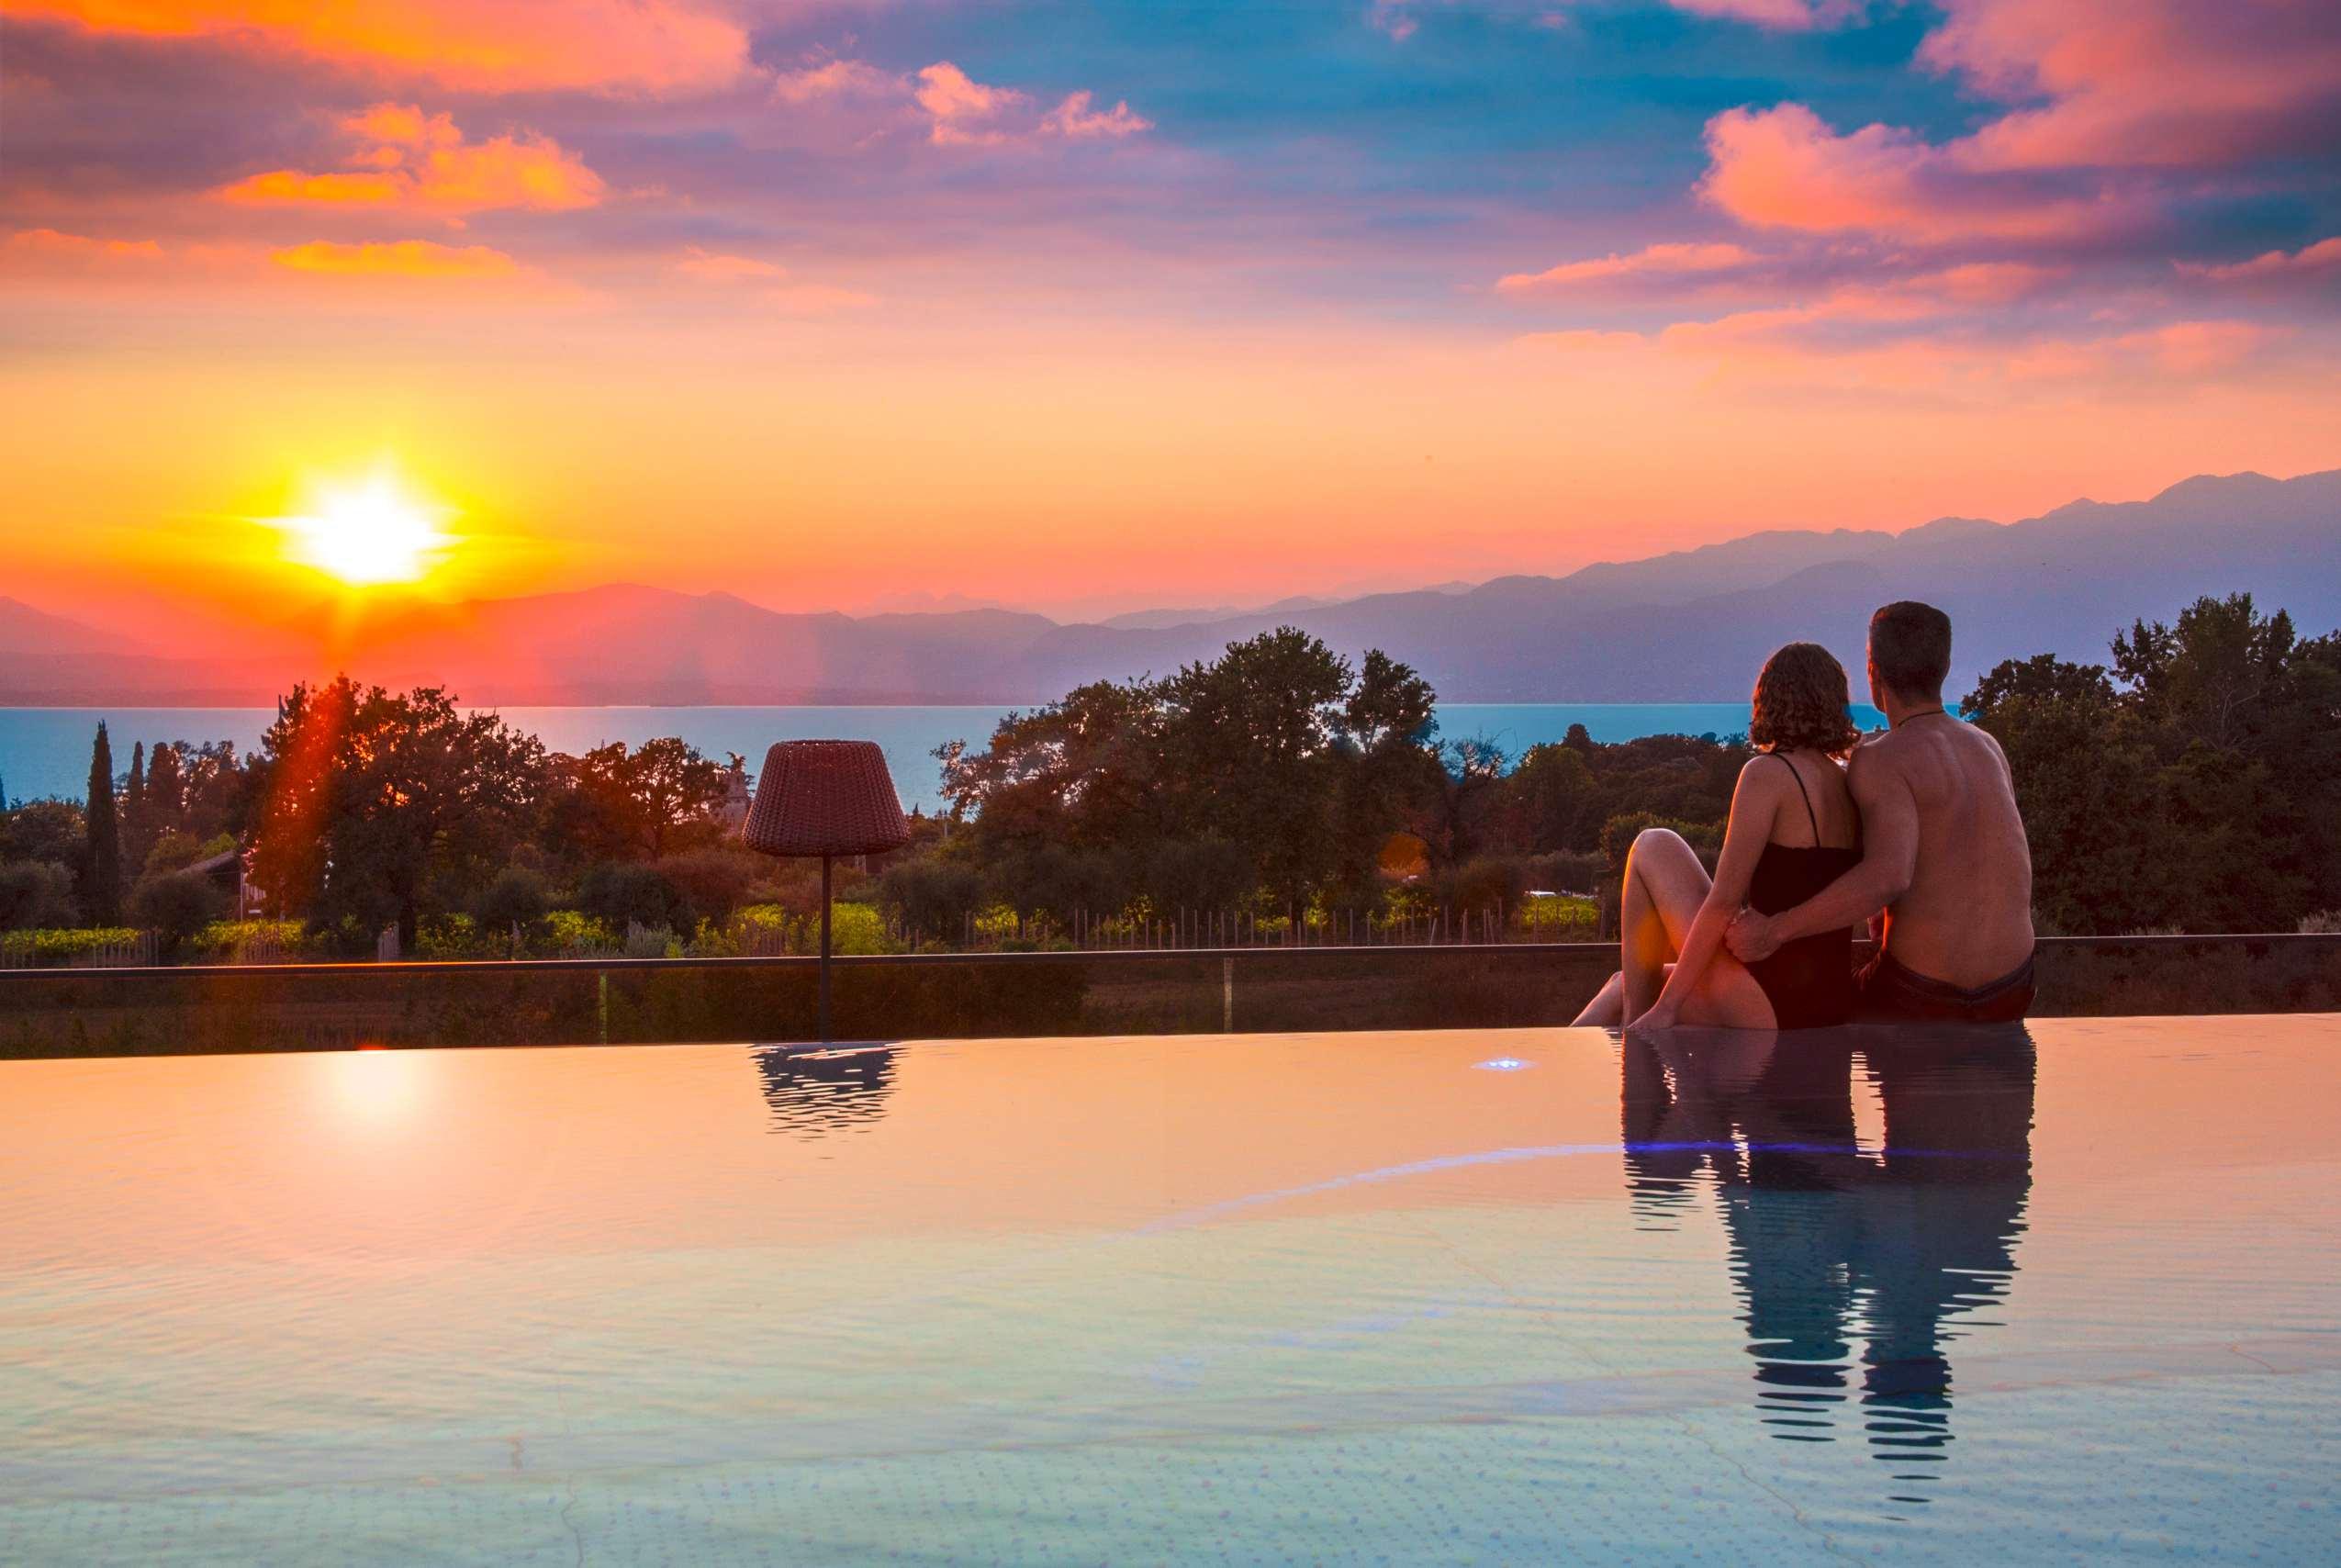 Ein Sonnenuntergang in rot, orange und violett. Gesehen vom Rooftop-Pool aus.